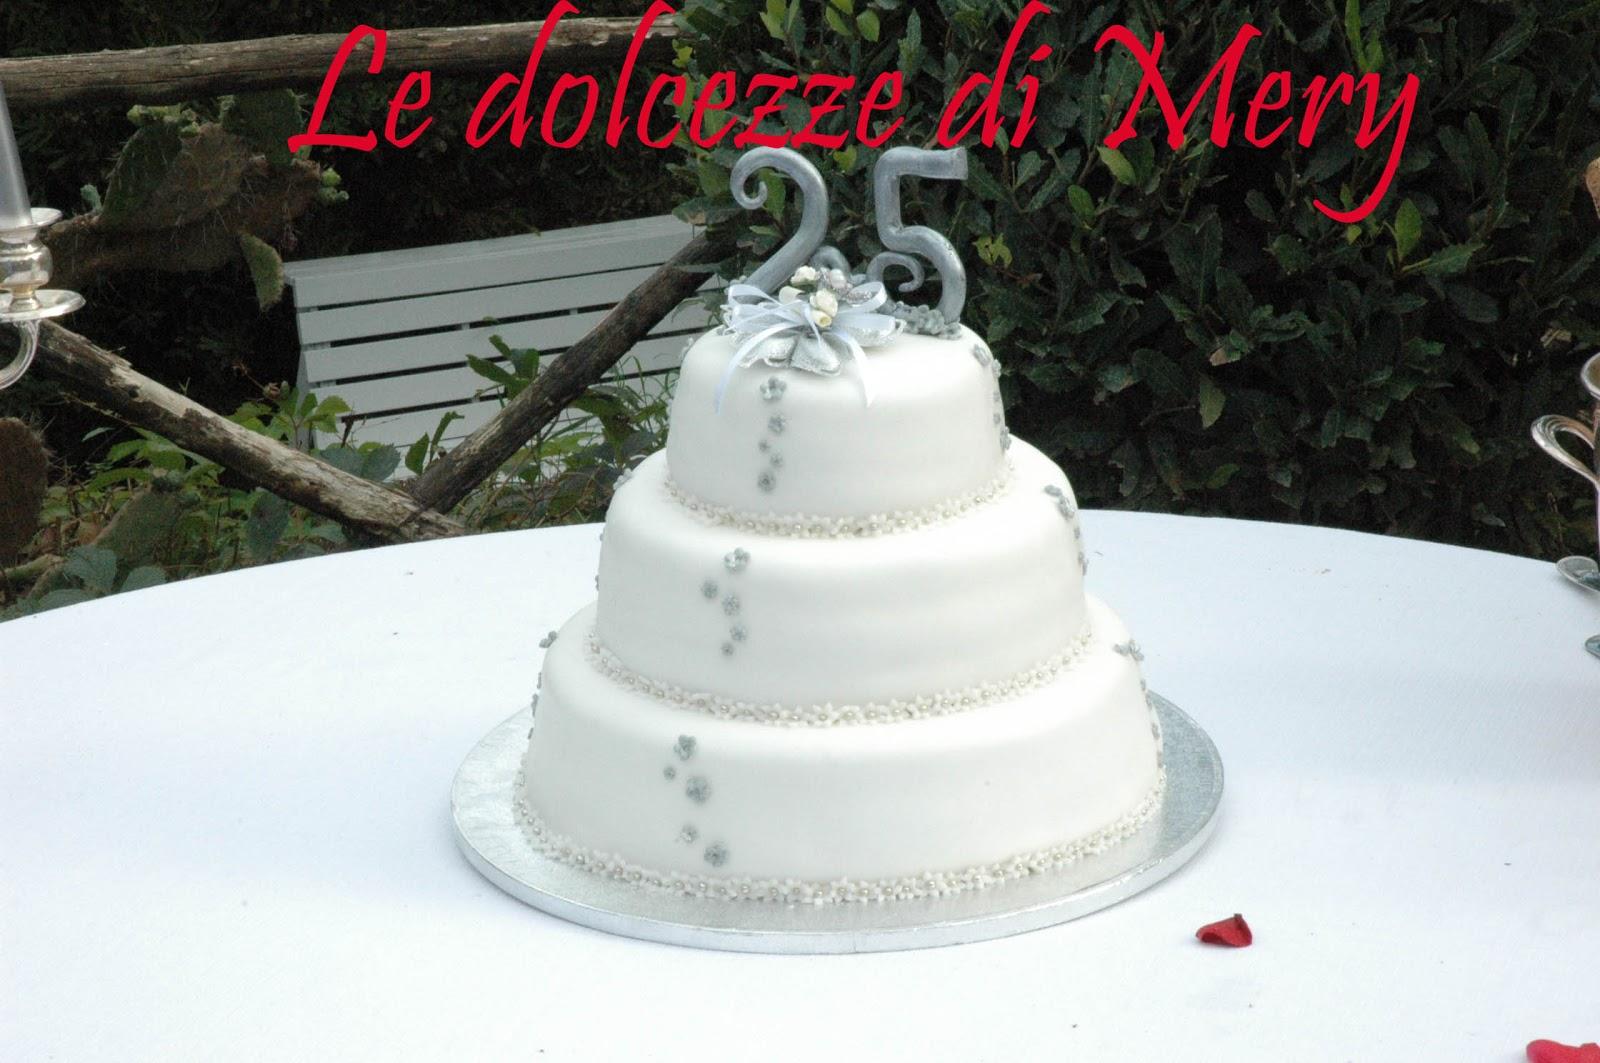 Conosciuto v´¯`×)(^) Le dolcezze di Mery (^)(×´¯`v^··: Torta 25 anni di  JQ65